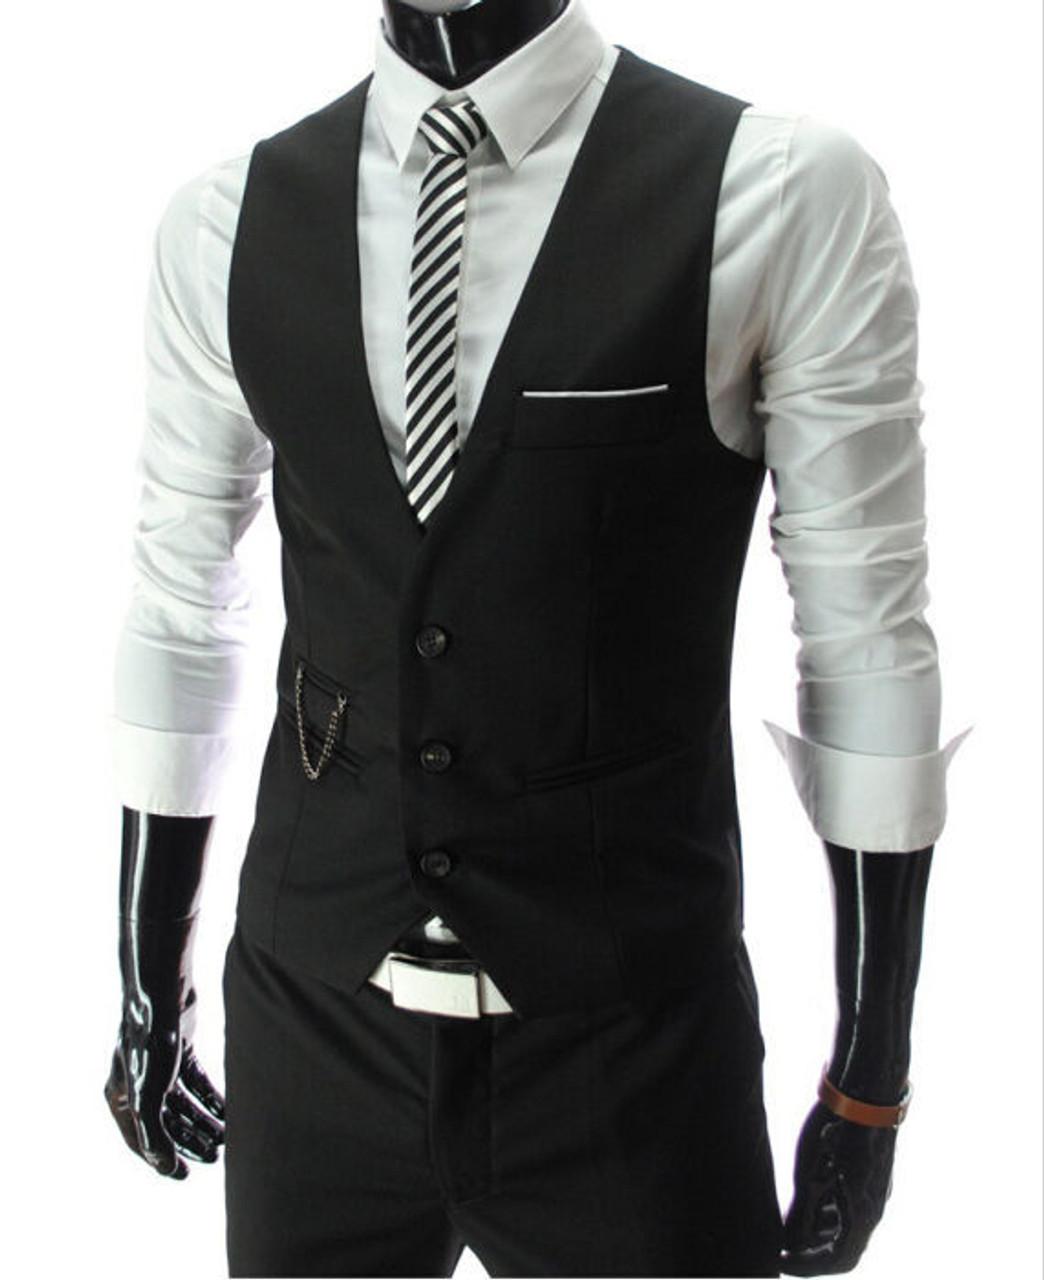 1bdd8979c5a78 2018 New Arrival Dress Vests For Men Slim Fit Mens Suit Vest Male Waistcoat  Gilet Homme ...